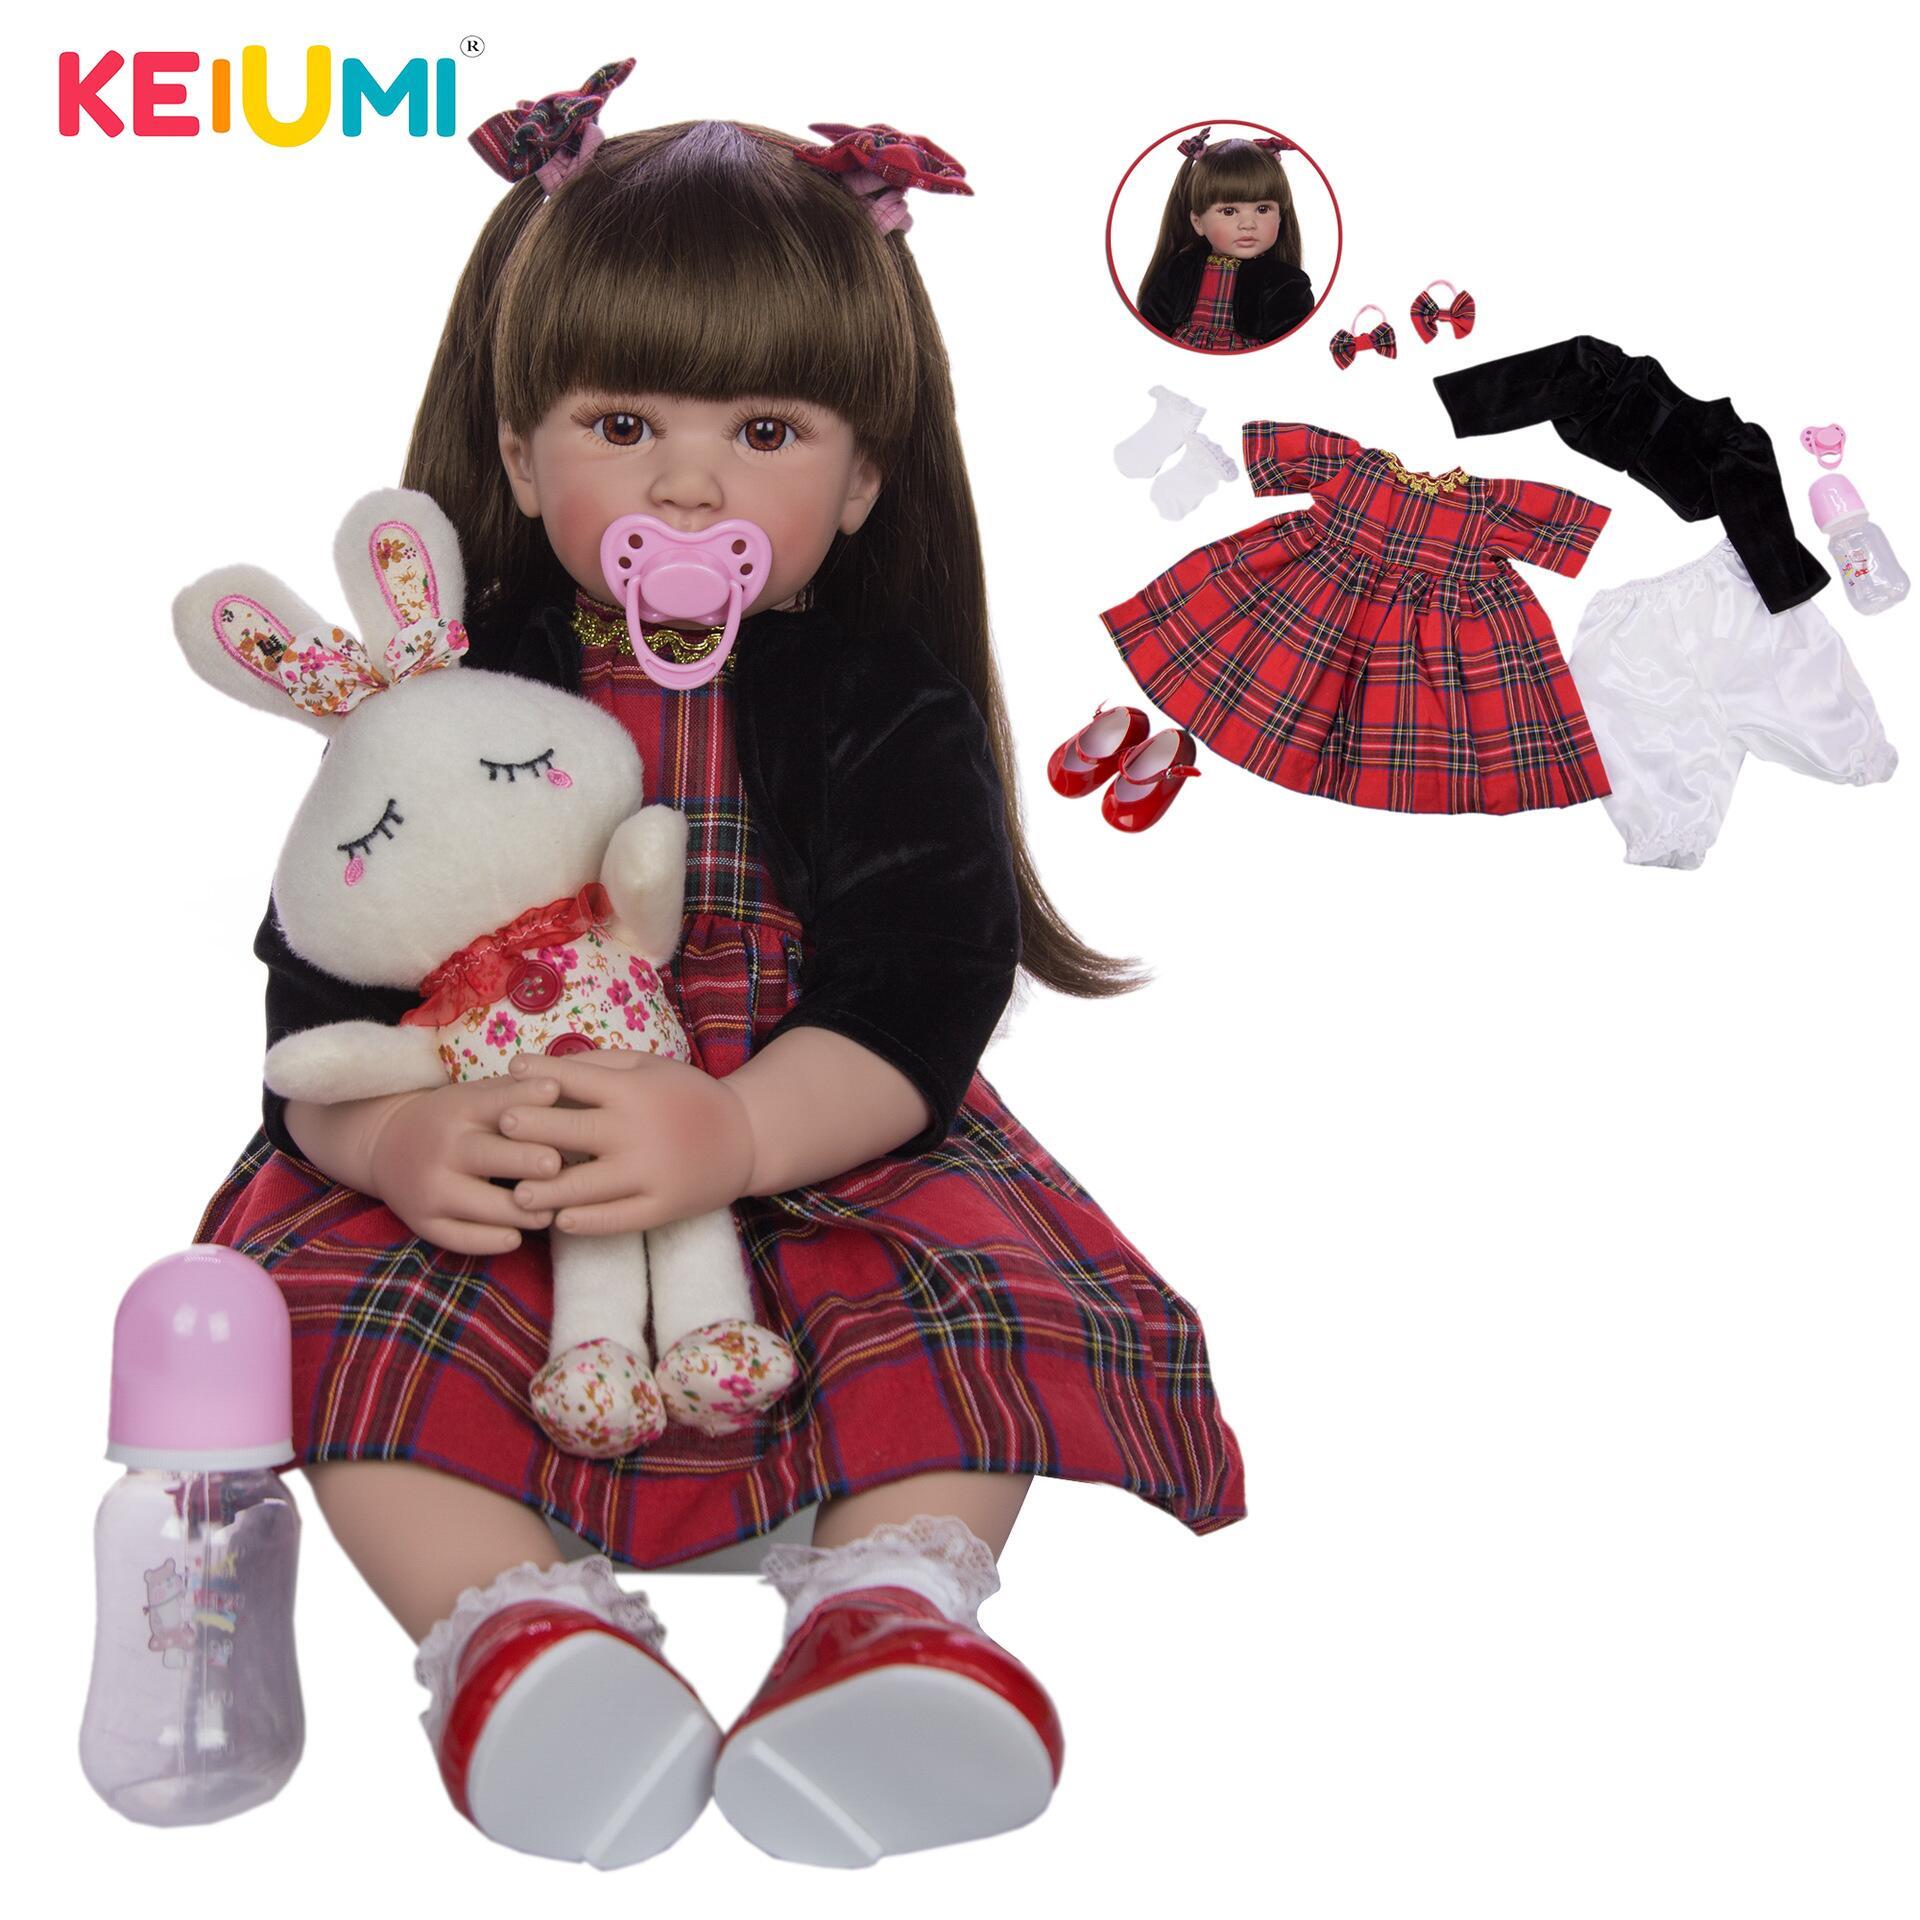 KEIUMI 24 Inch Reborn Puppen 60 cm Tuch Körper Realistische Prinzessin Mädchen Baby Puppe Für Verkauf Ethnische Puppe Kid Geburtstag weihnachten Geschenke